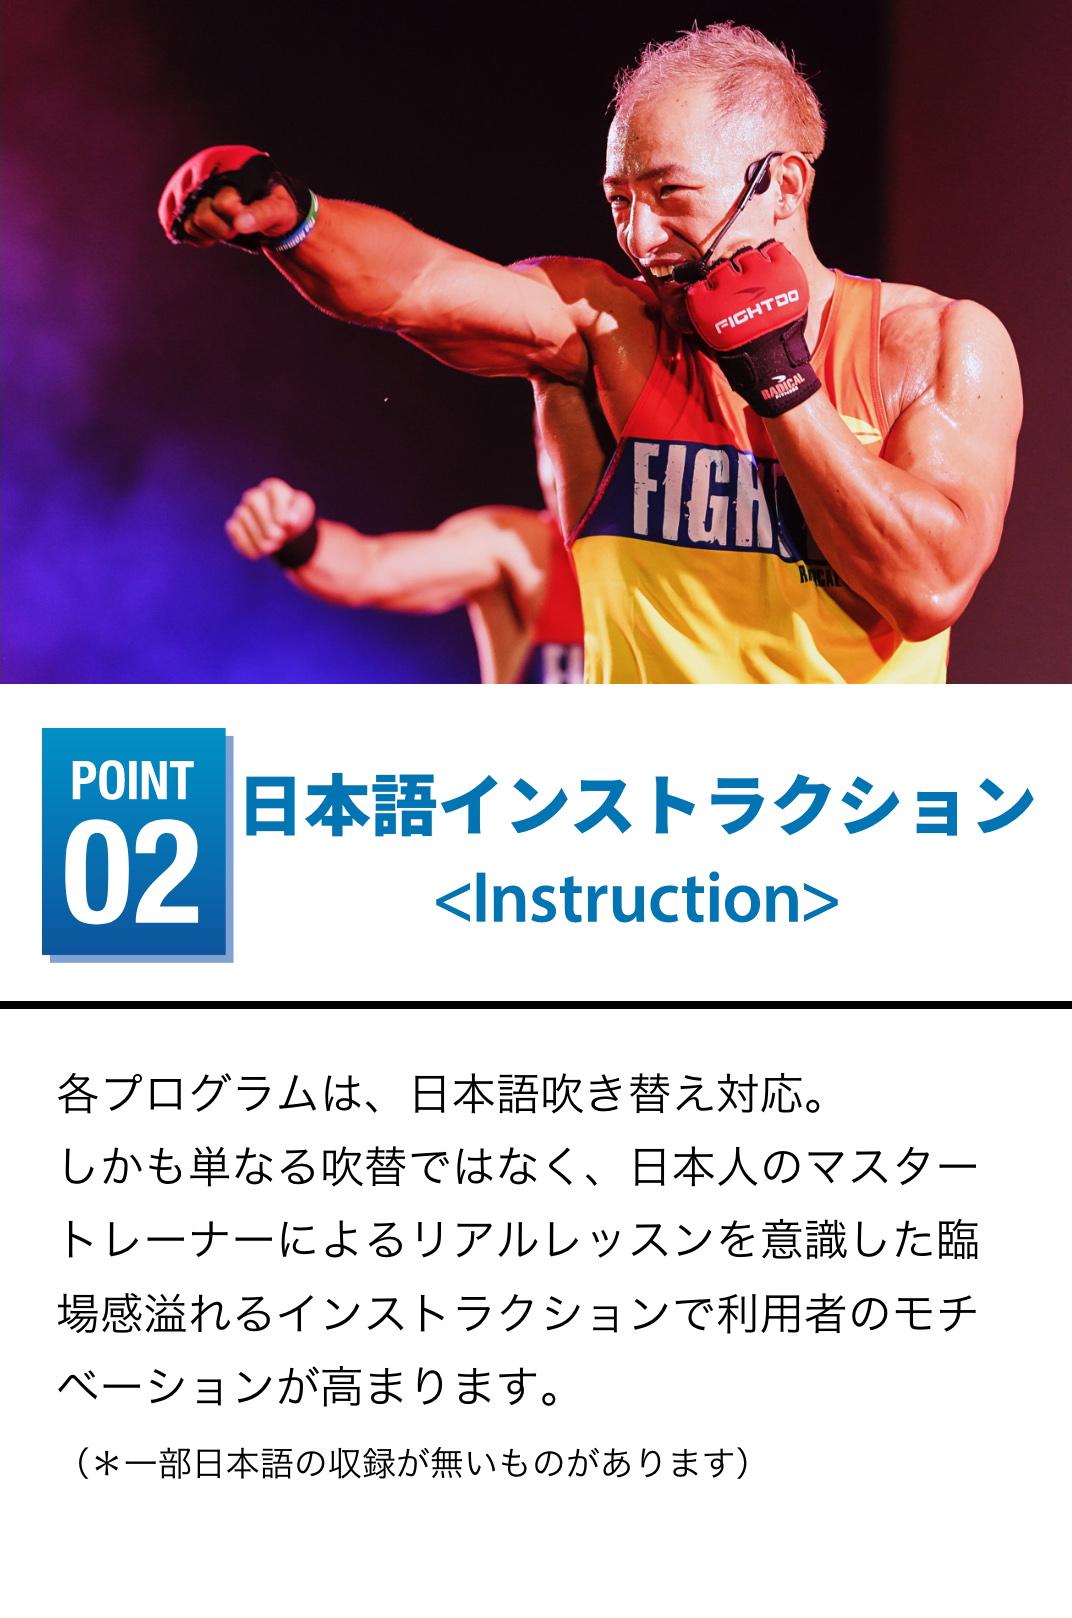 日本語インストラクション 各プログラムは、日本語吹き替え対応。しかも単なる吹替ではなく、日本人のマスタートレーナーによるリアルレッスンを意識した臨場感溢れるインストラクションで利用者のモチベーションが高まります。(*一部日本語の収録が無いものがあります)